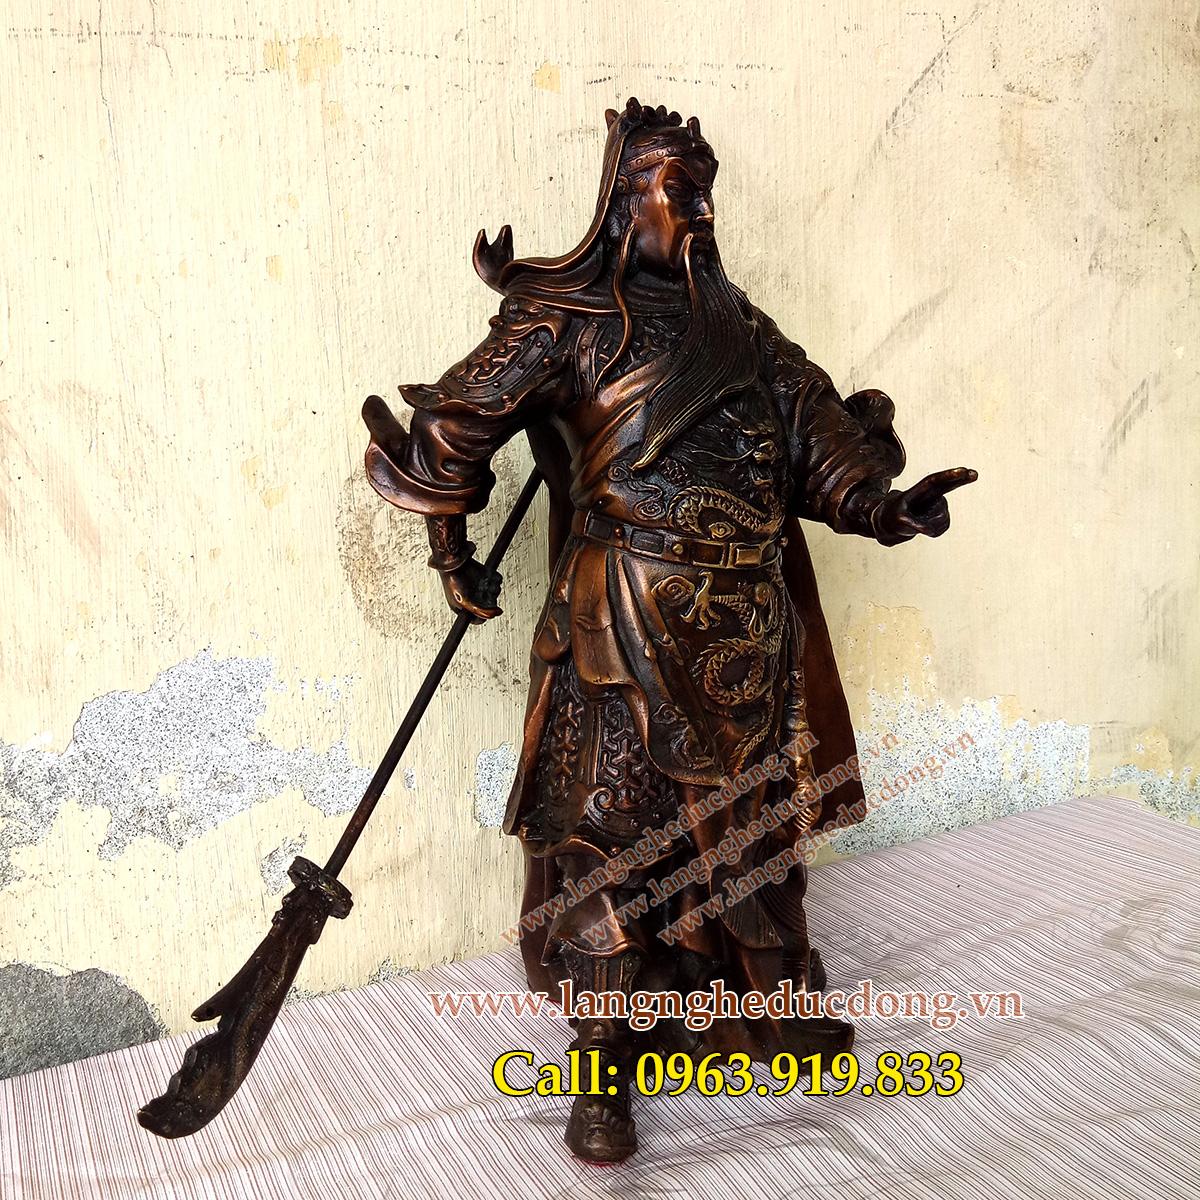 langngheducdong.vn - tượng đồng, tượng quan công, tượng phong thủy, vật phẩm phong thủy